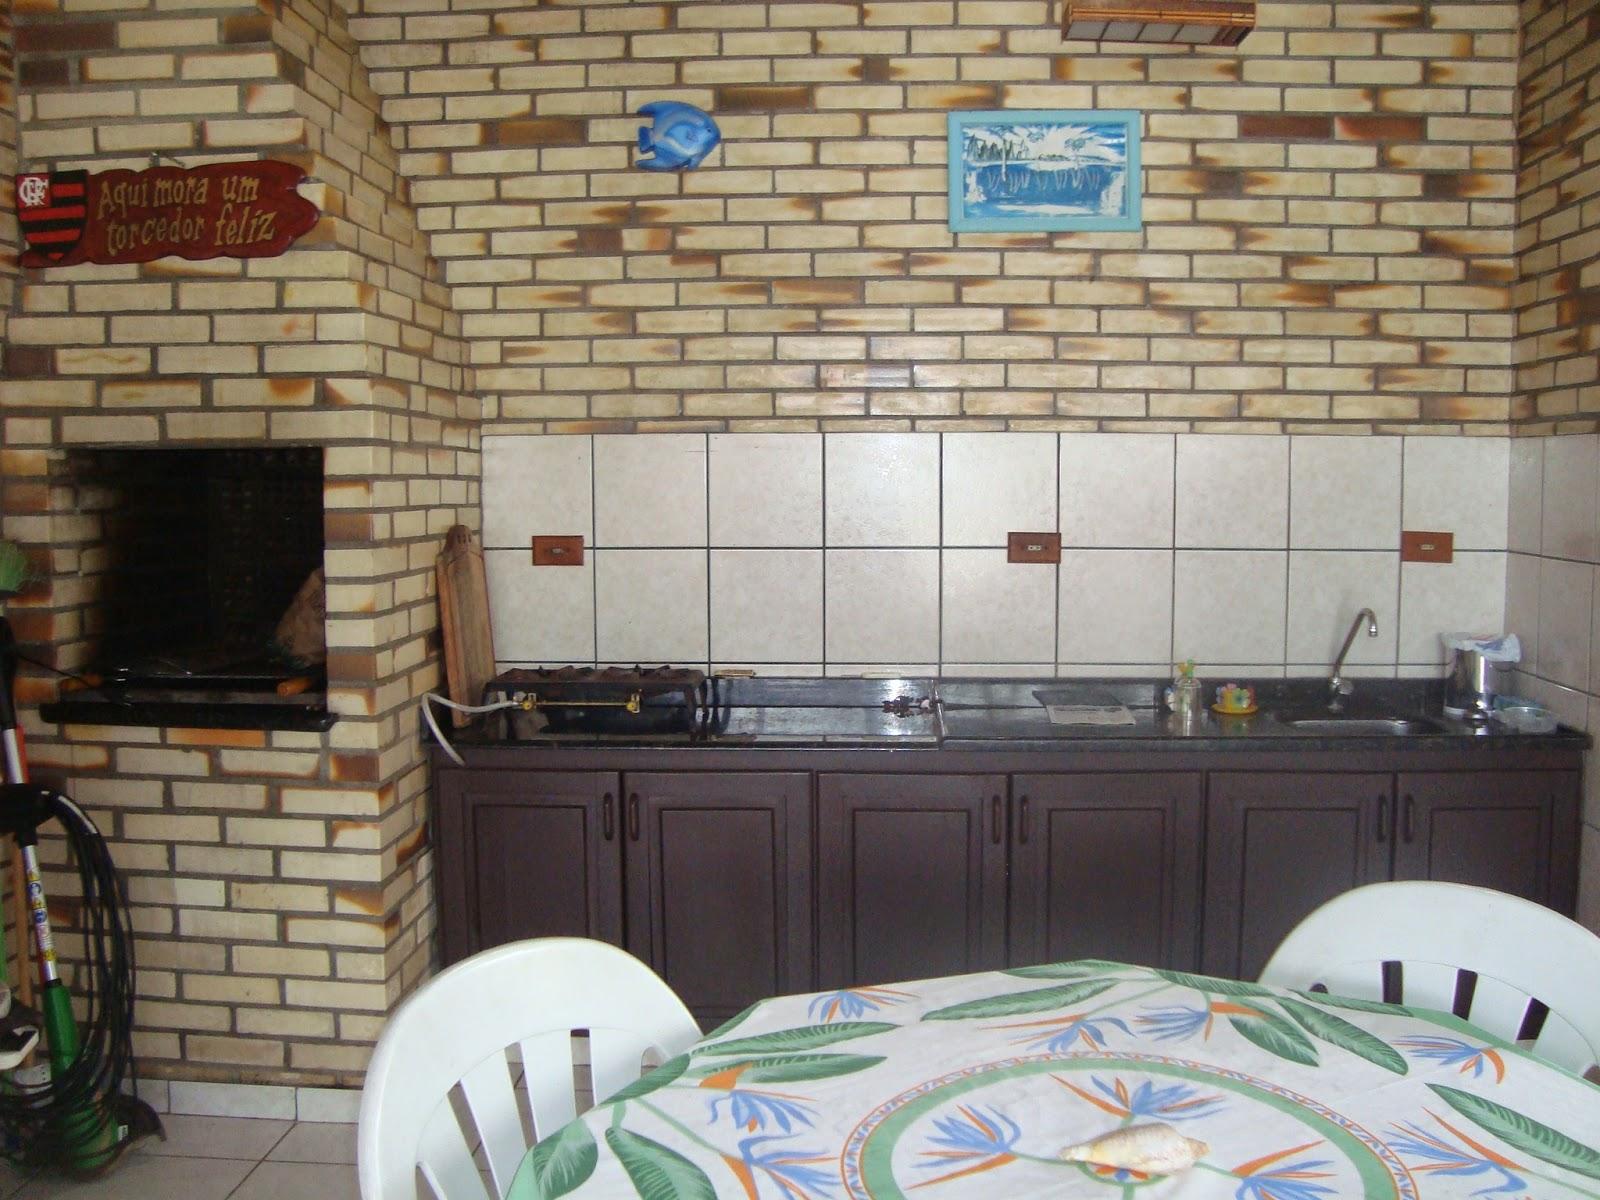 alugo quarto em jardim da penha:casa dispõe de 1 suíte, 2 quartos, 2 banheiros social, sala